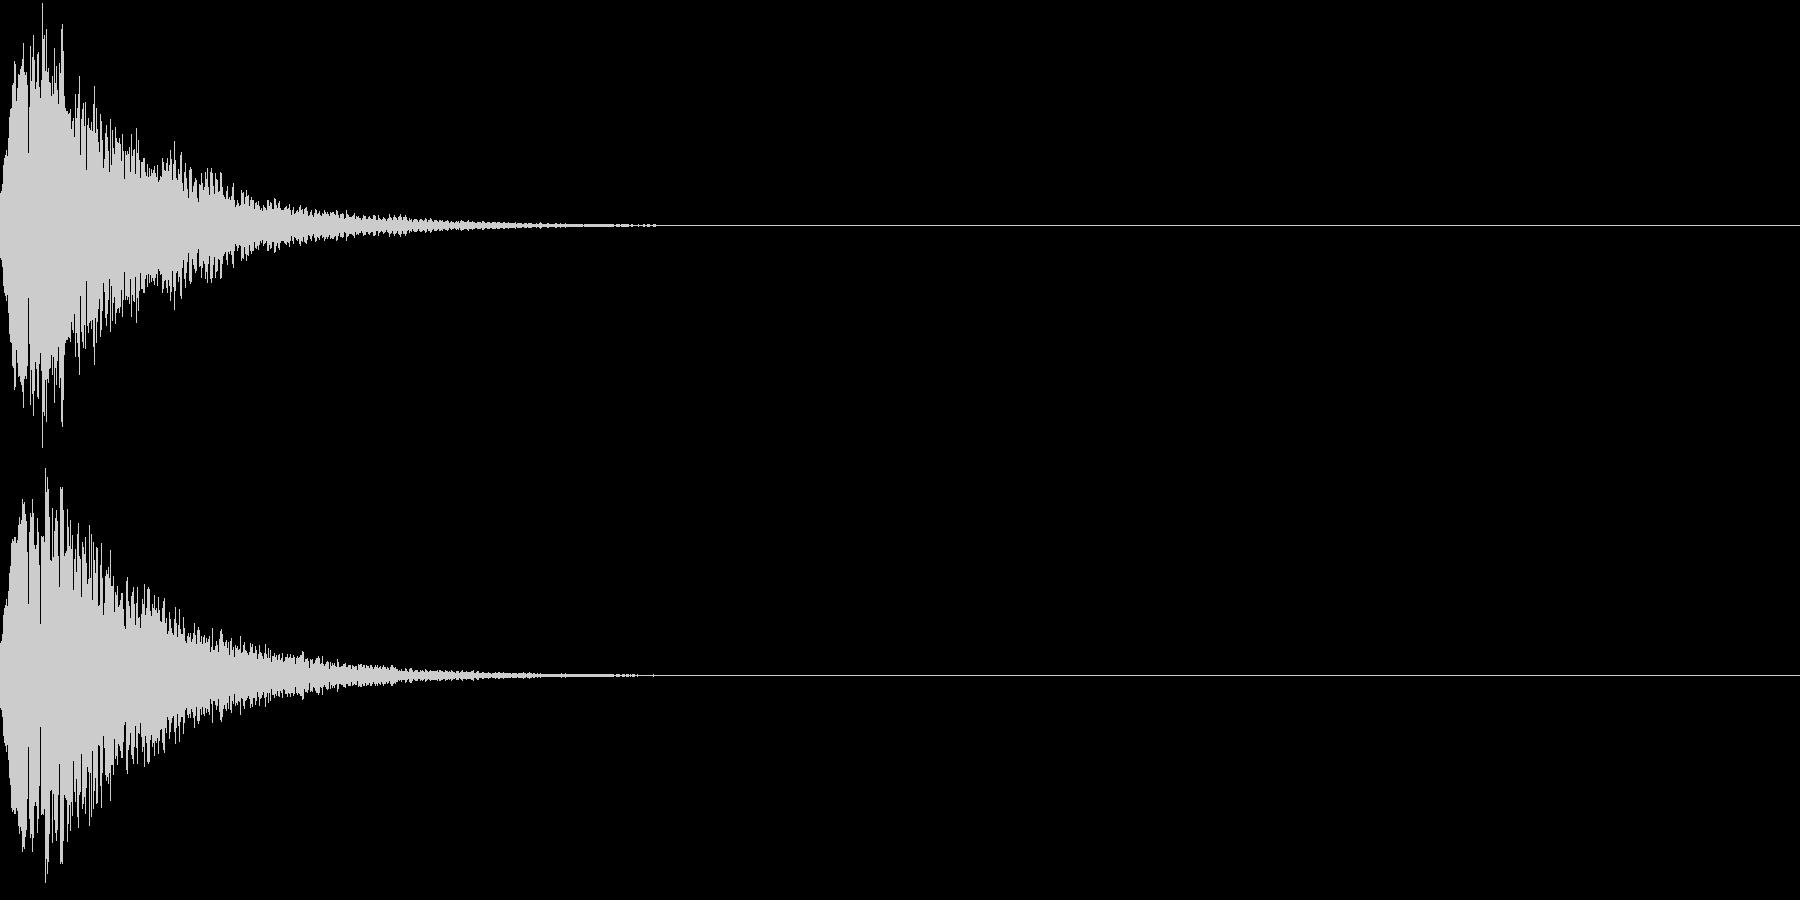 光る キュイーン ピカーン キラン 06の未再生の波形